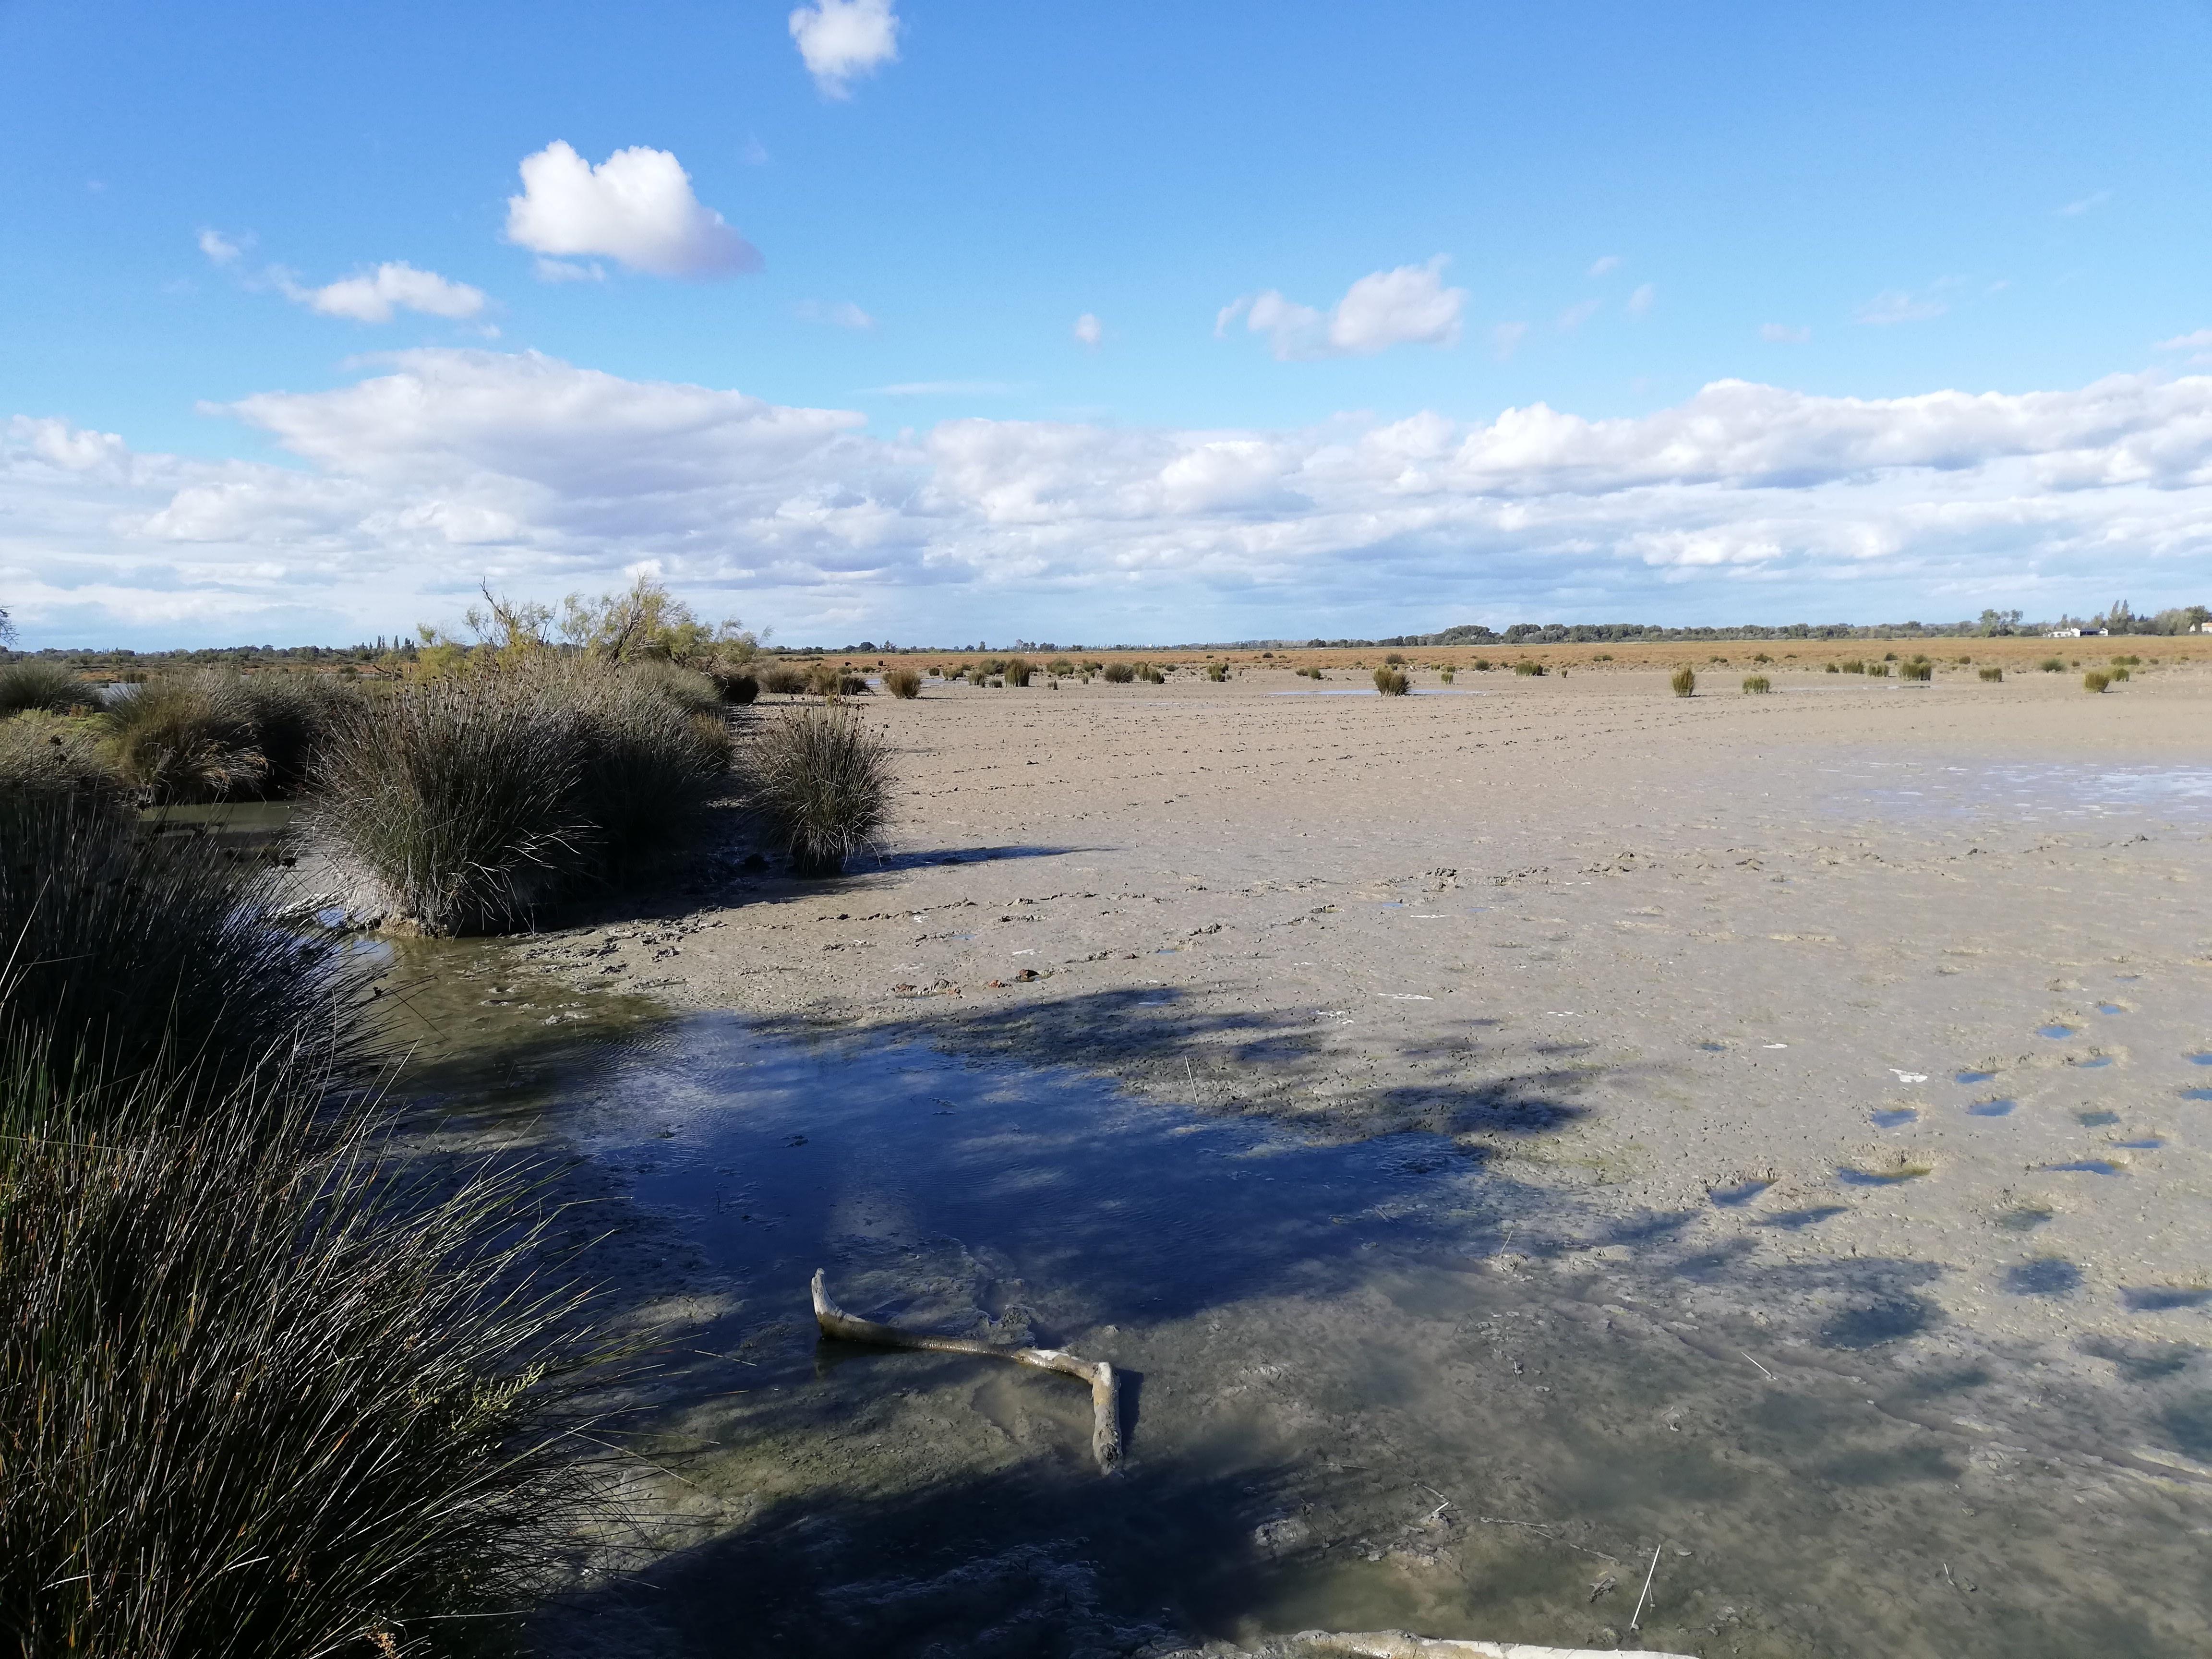 sortie-nature---habitats-de-moyenne-camargue-elevage-et-traditions